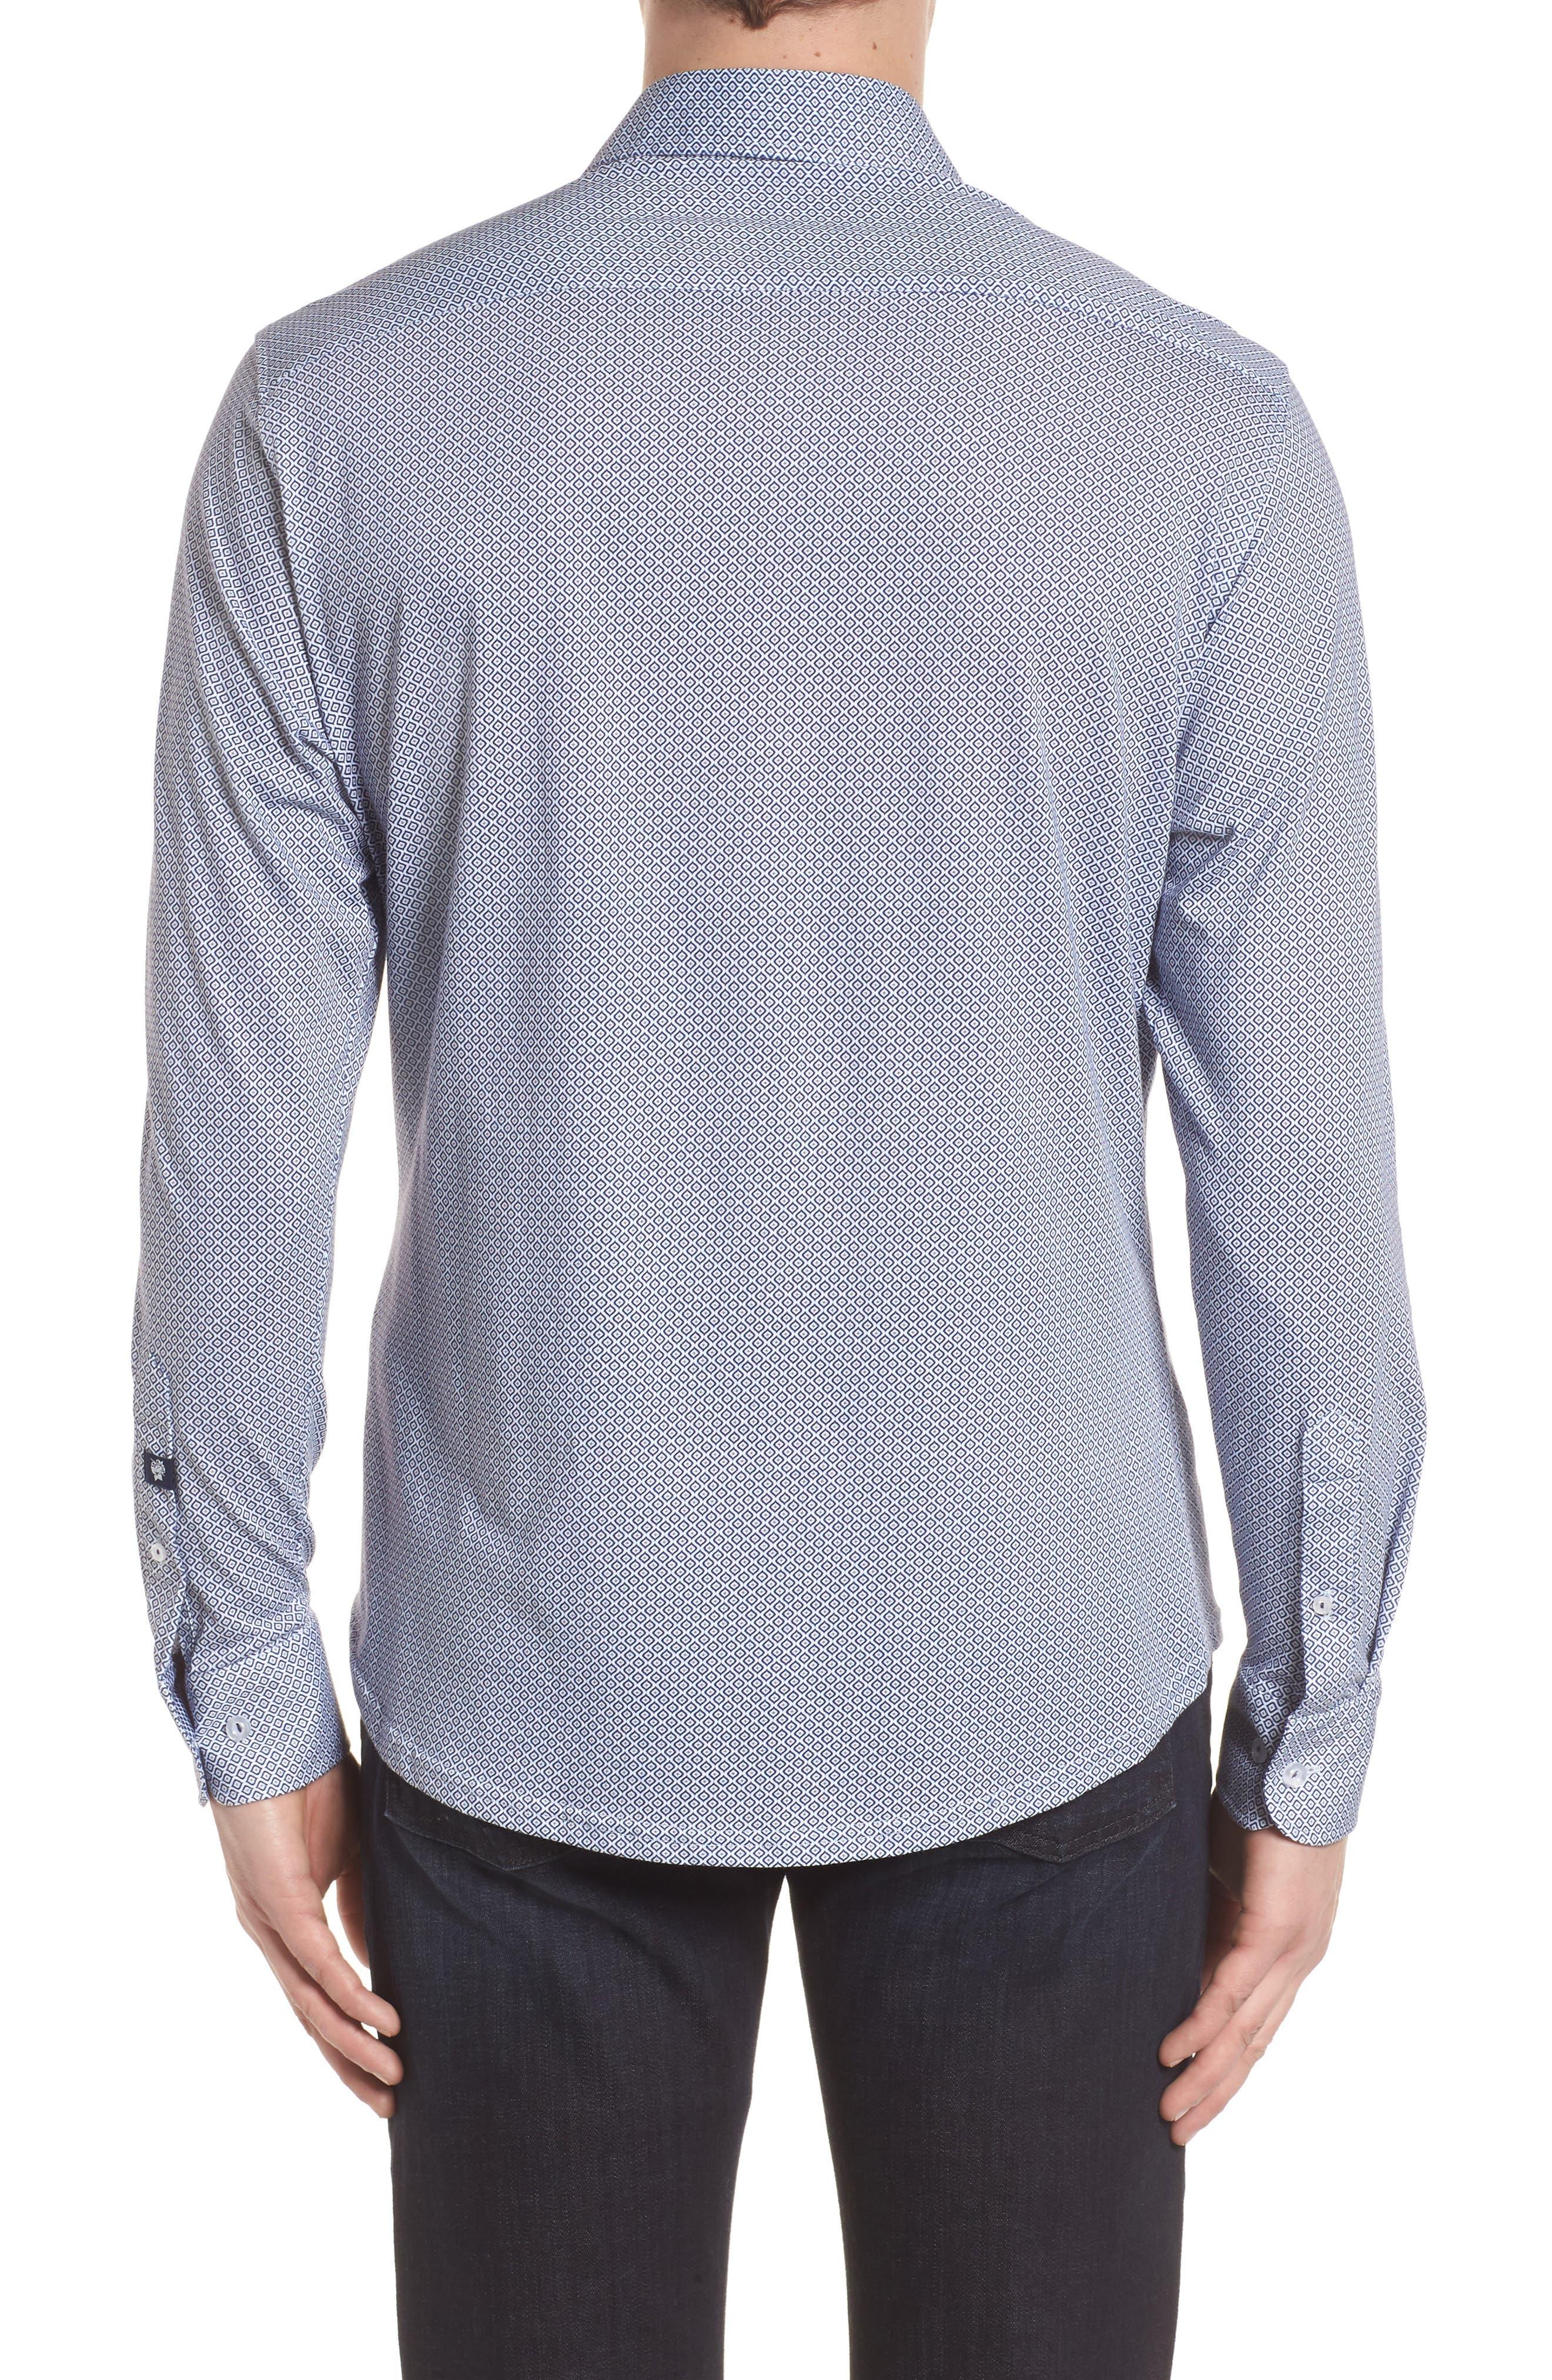 Diamond Print Knit Sport Shirt,                             Alternate thumbnail 2, color,                             100